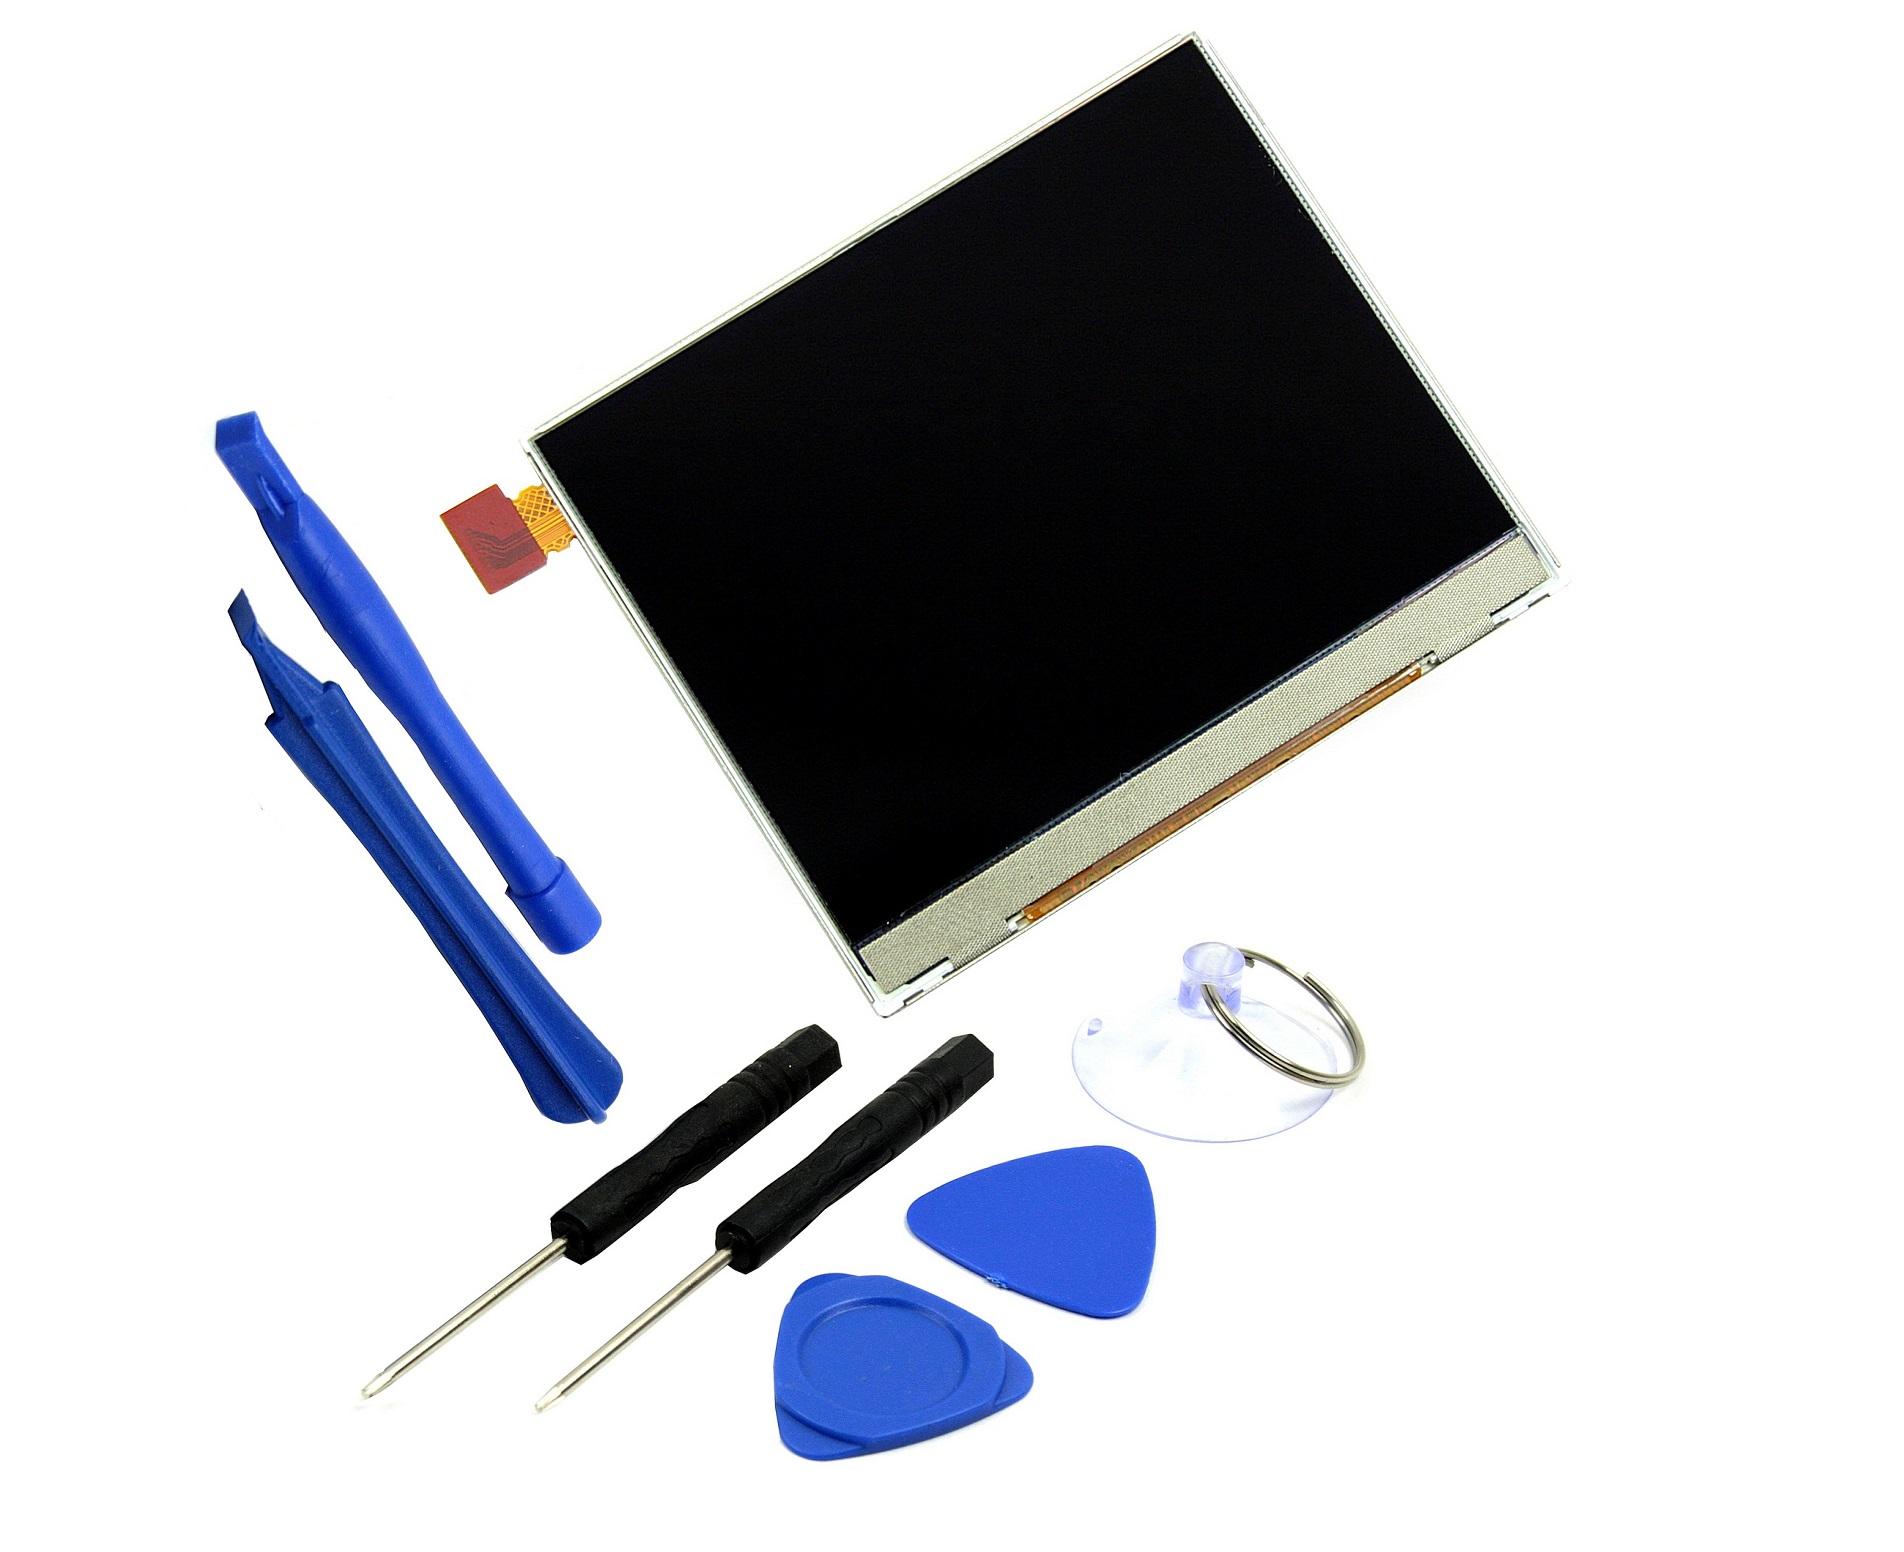 NOWY ORYGINALNY WYŚWIELACZ LCD DO BLACKBERRY 9790